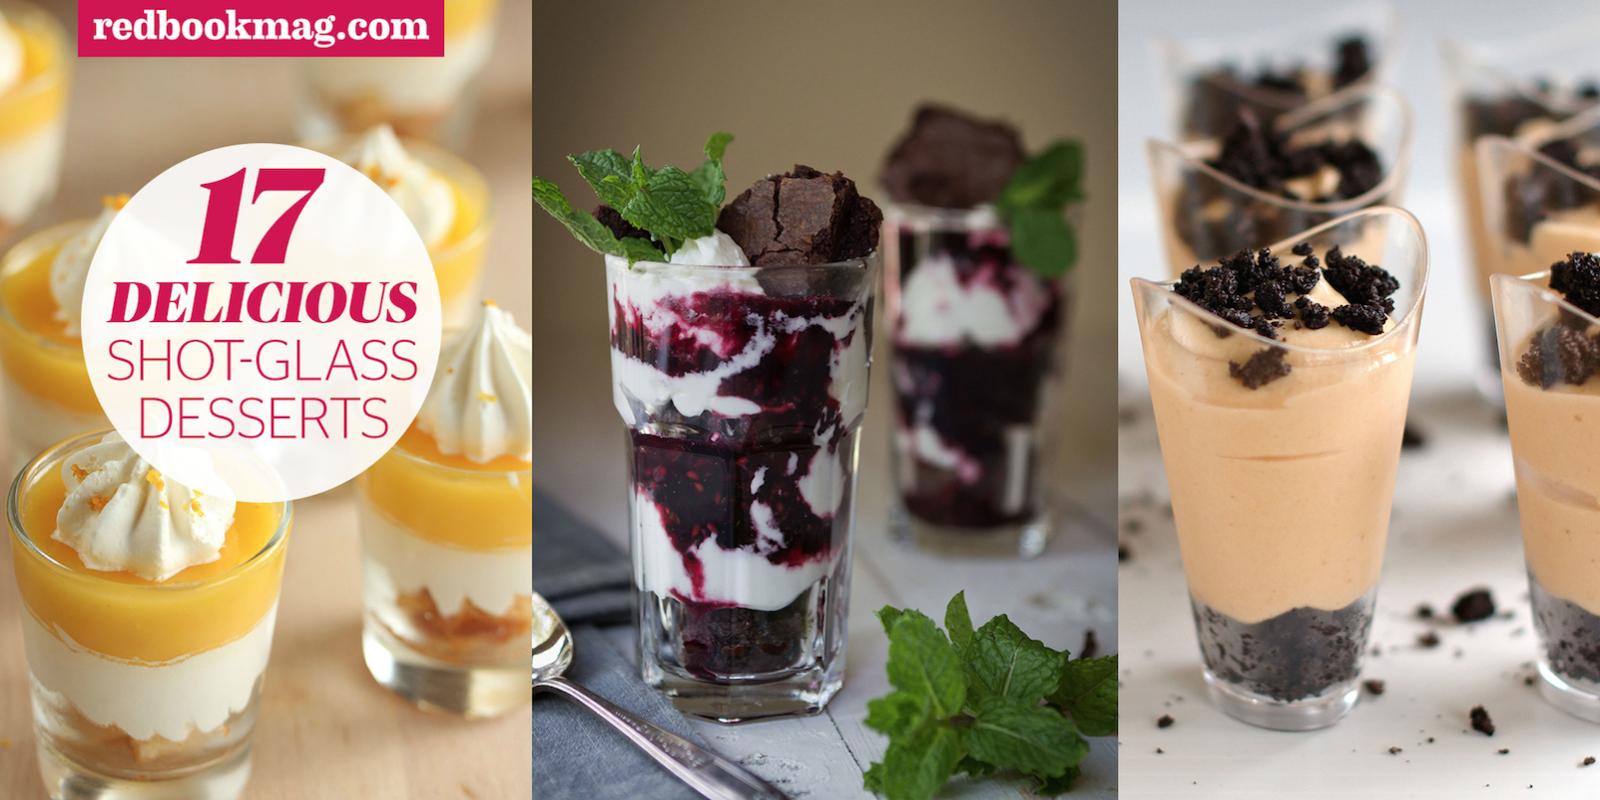 shot glass desserts mini dessert recipes